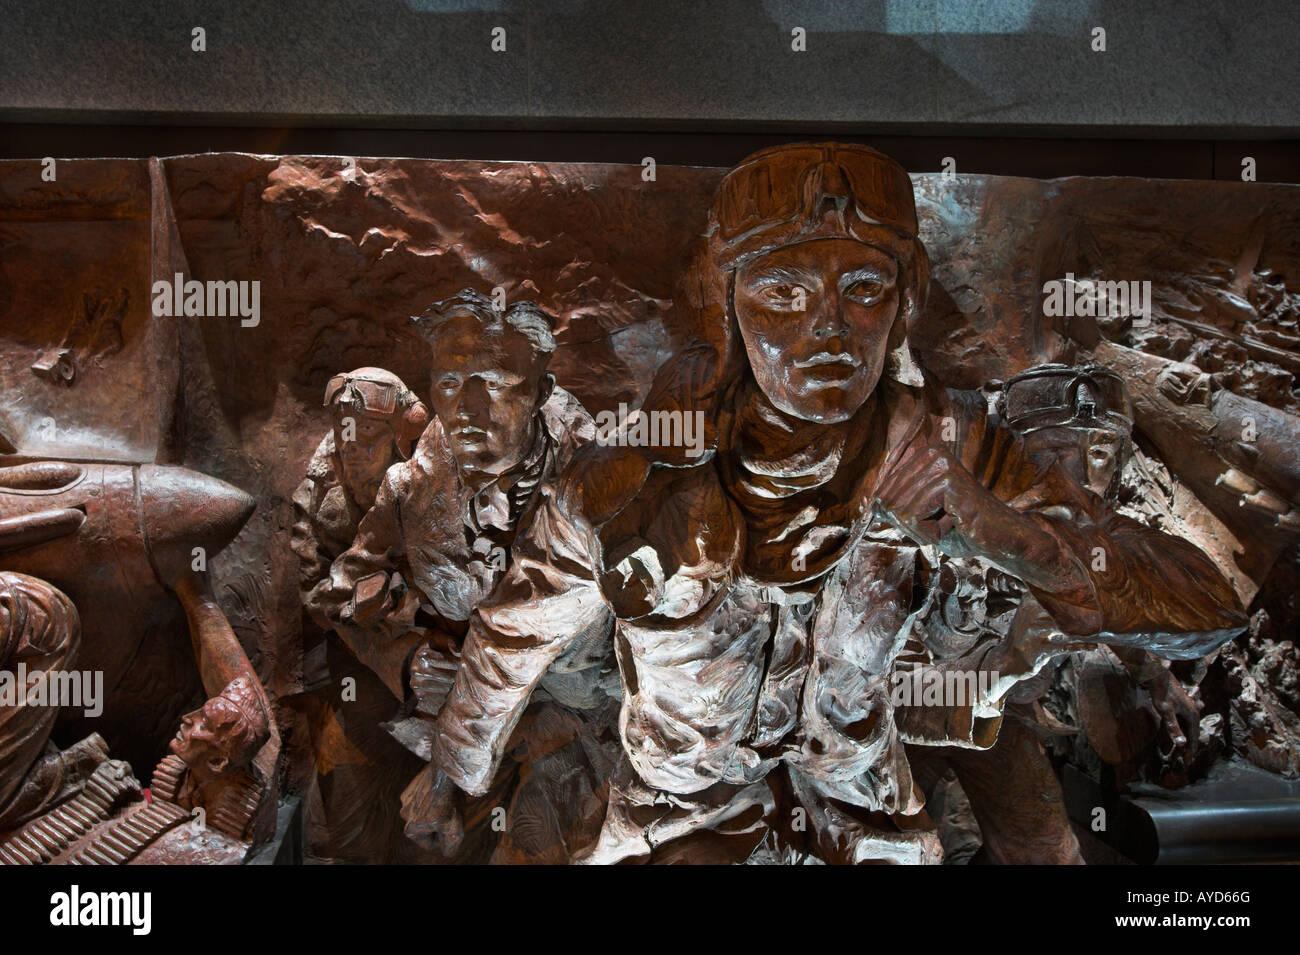 Battle of Britain Memorial detail Victoria Embankment London UK - Stock Image